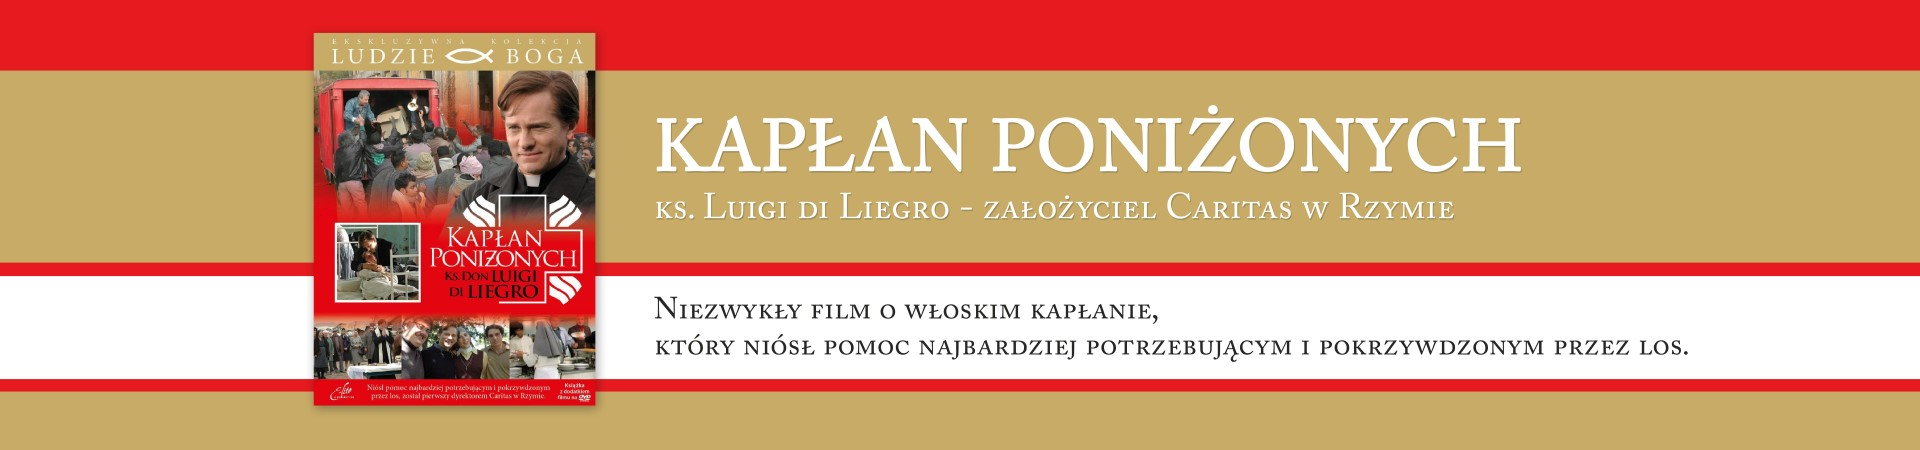 kaplanponizonych_baner